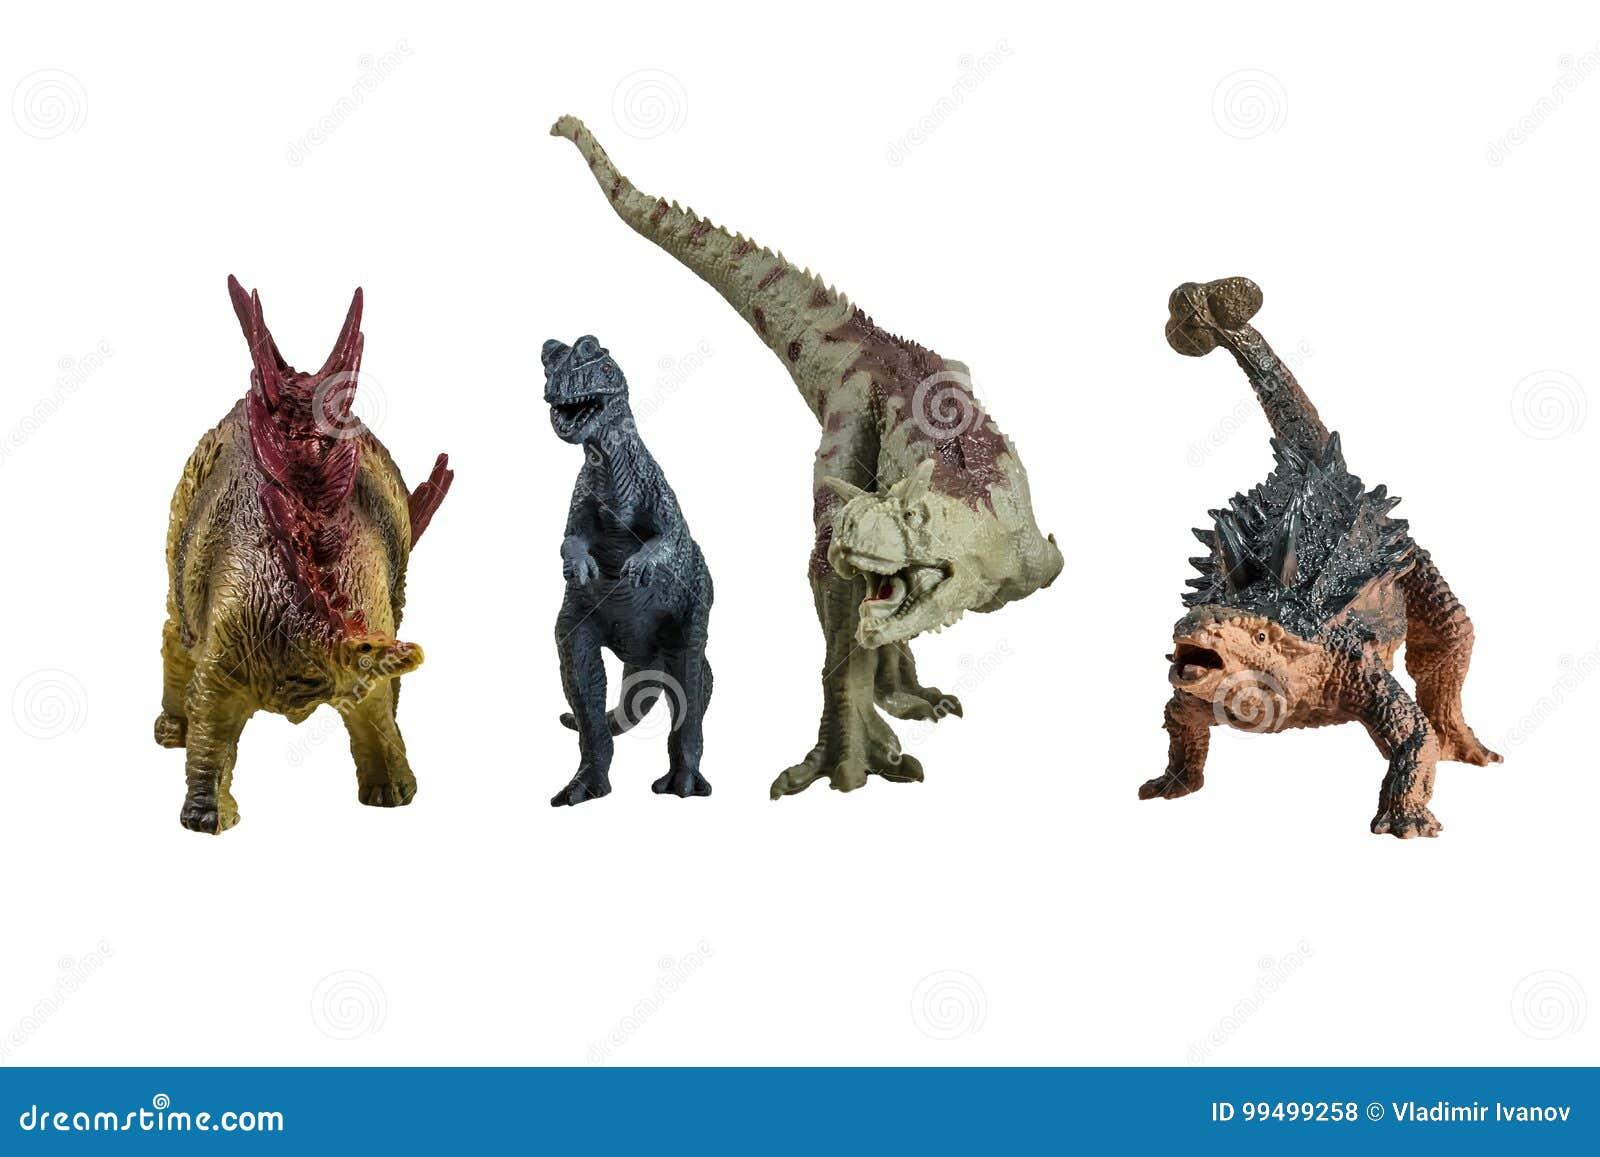 Stuk speelgoed modellen van dinosaurussen